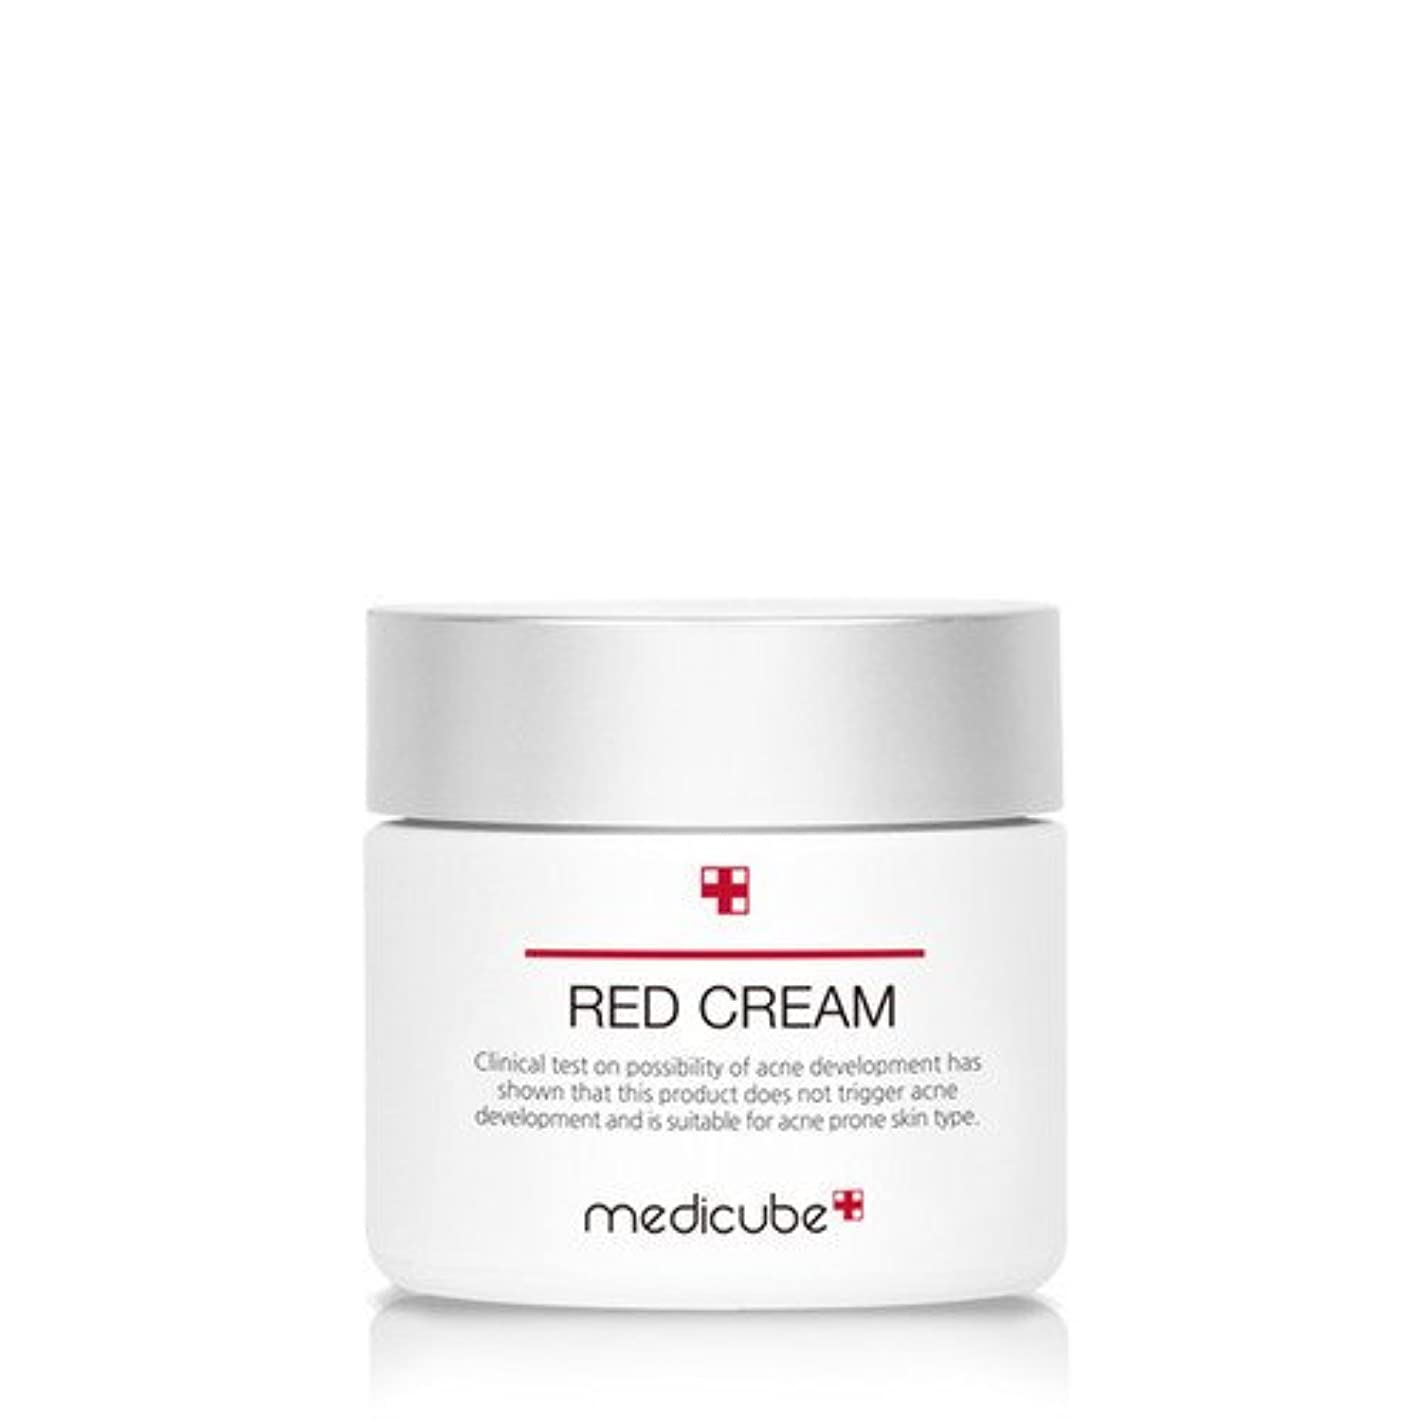 ソファー有害な熱狂的な[Medicube]メディキューブ レッドクリーム 50ml / Medicube Red Cream 50ml / 正品?海外直送商品 [並行輸入品]